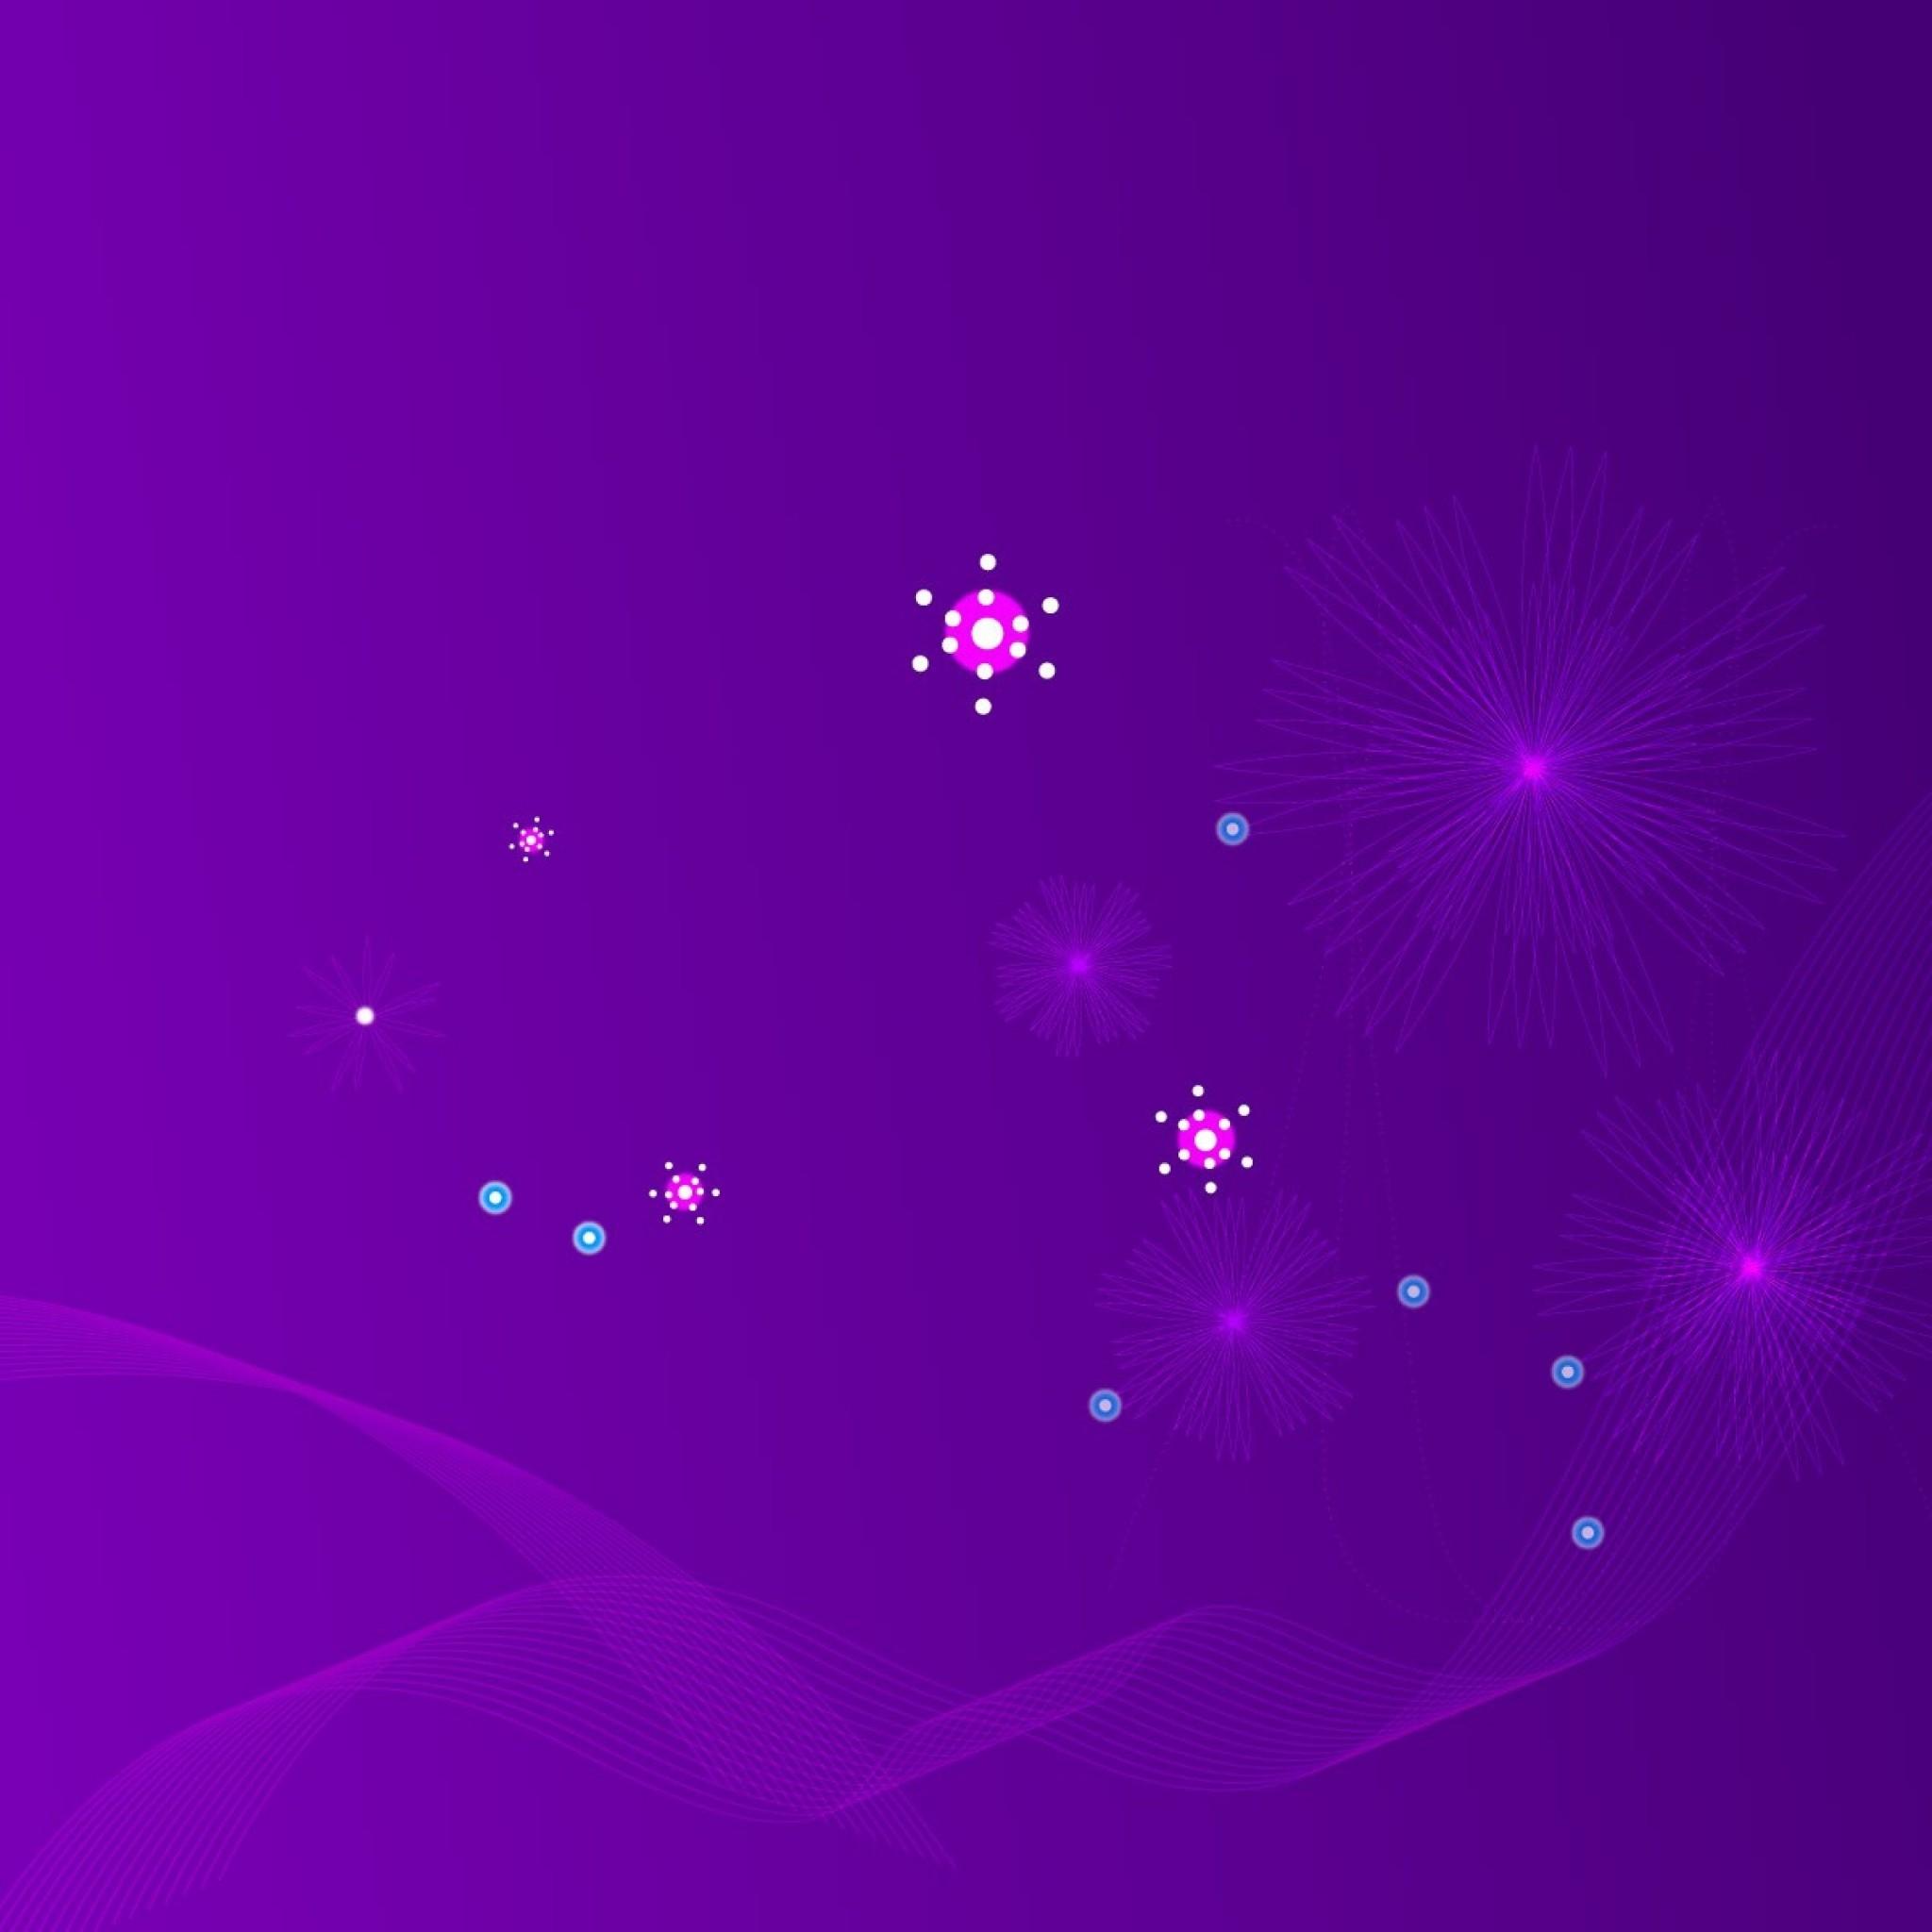 Wallpaper light, shine, star, shining, purple, colors